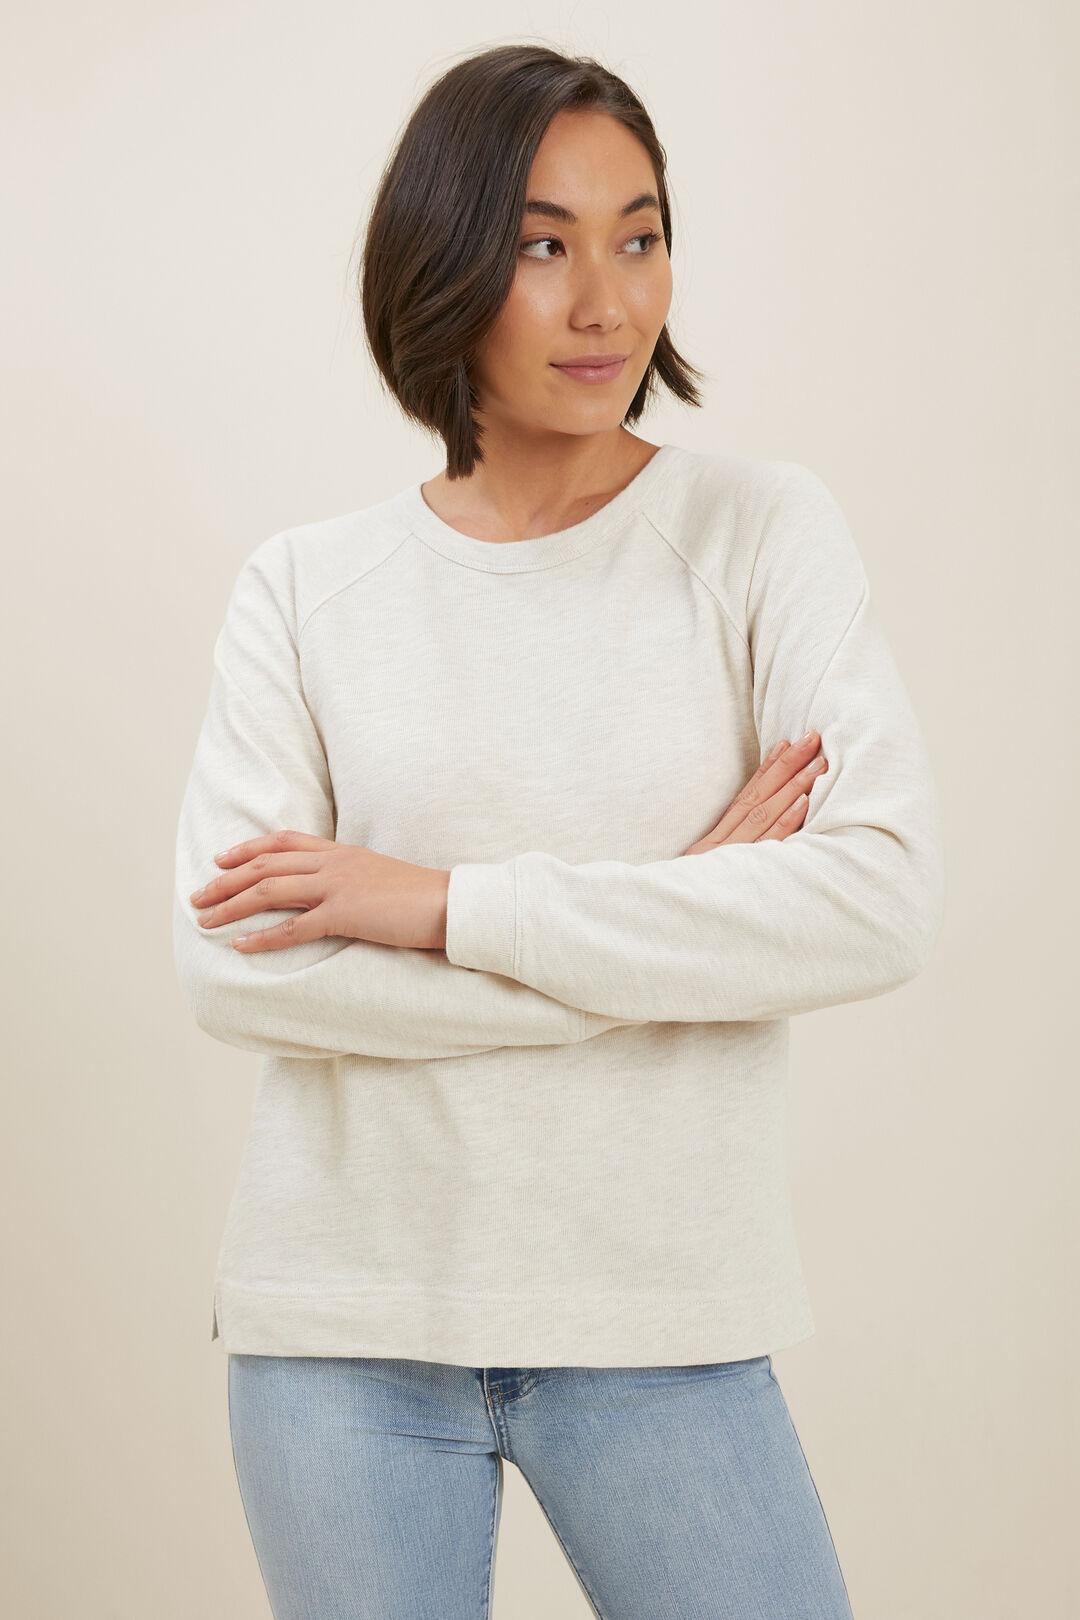 Cotton Slub Sweater  Cloud Cream Marle  hi-res